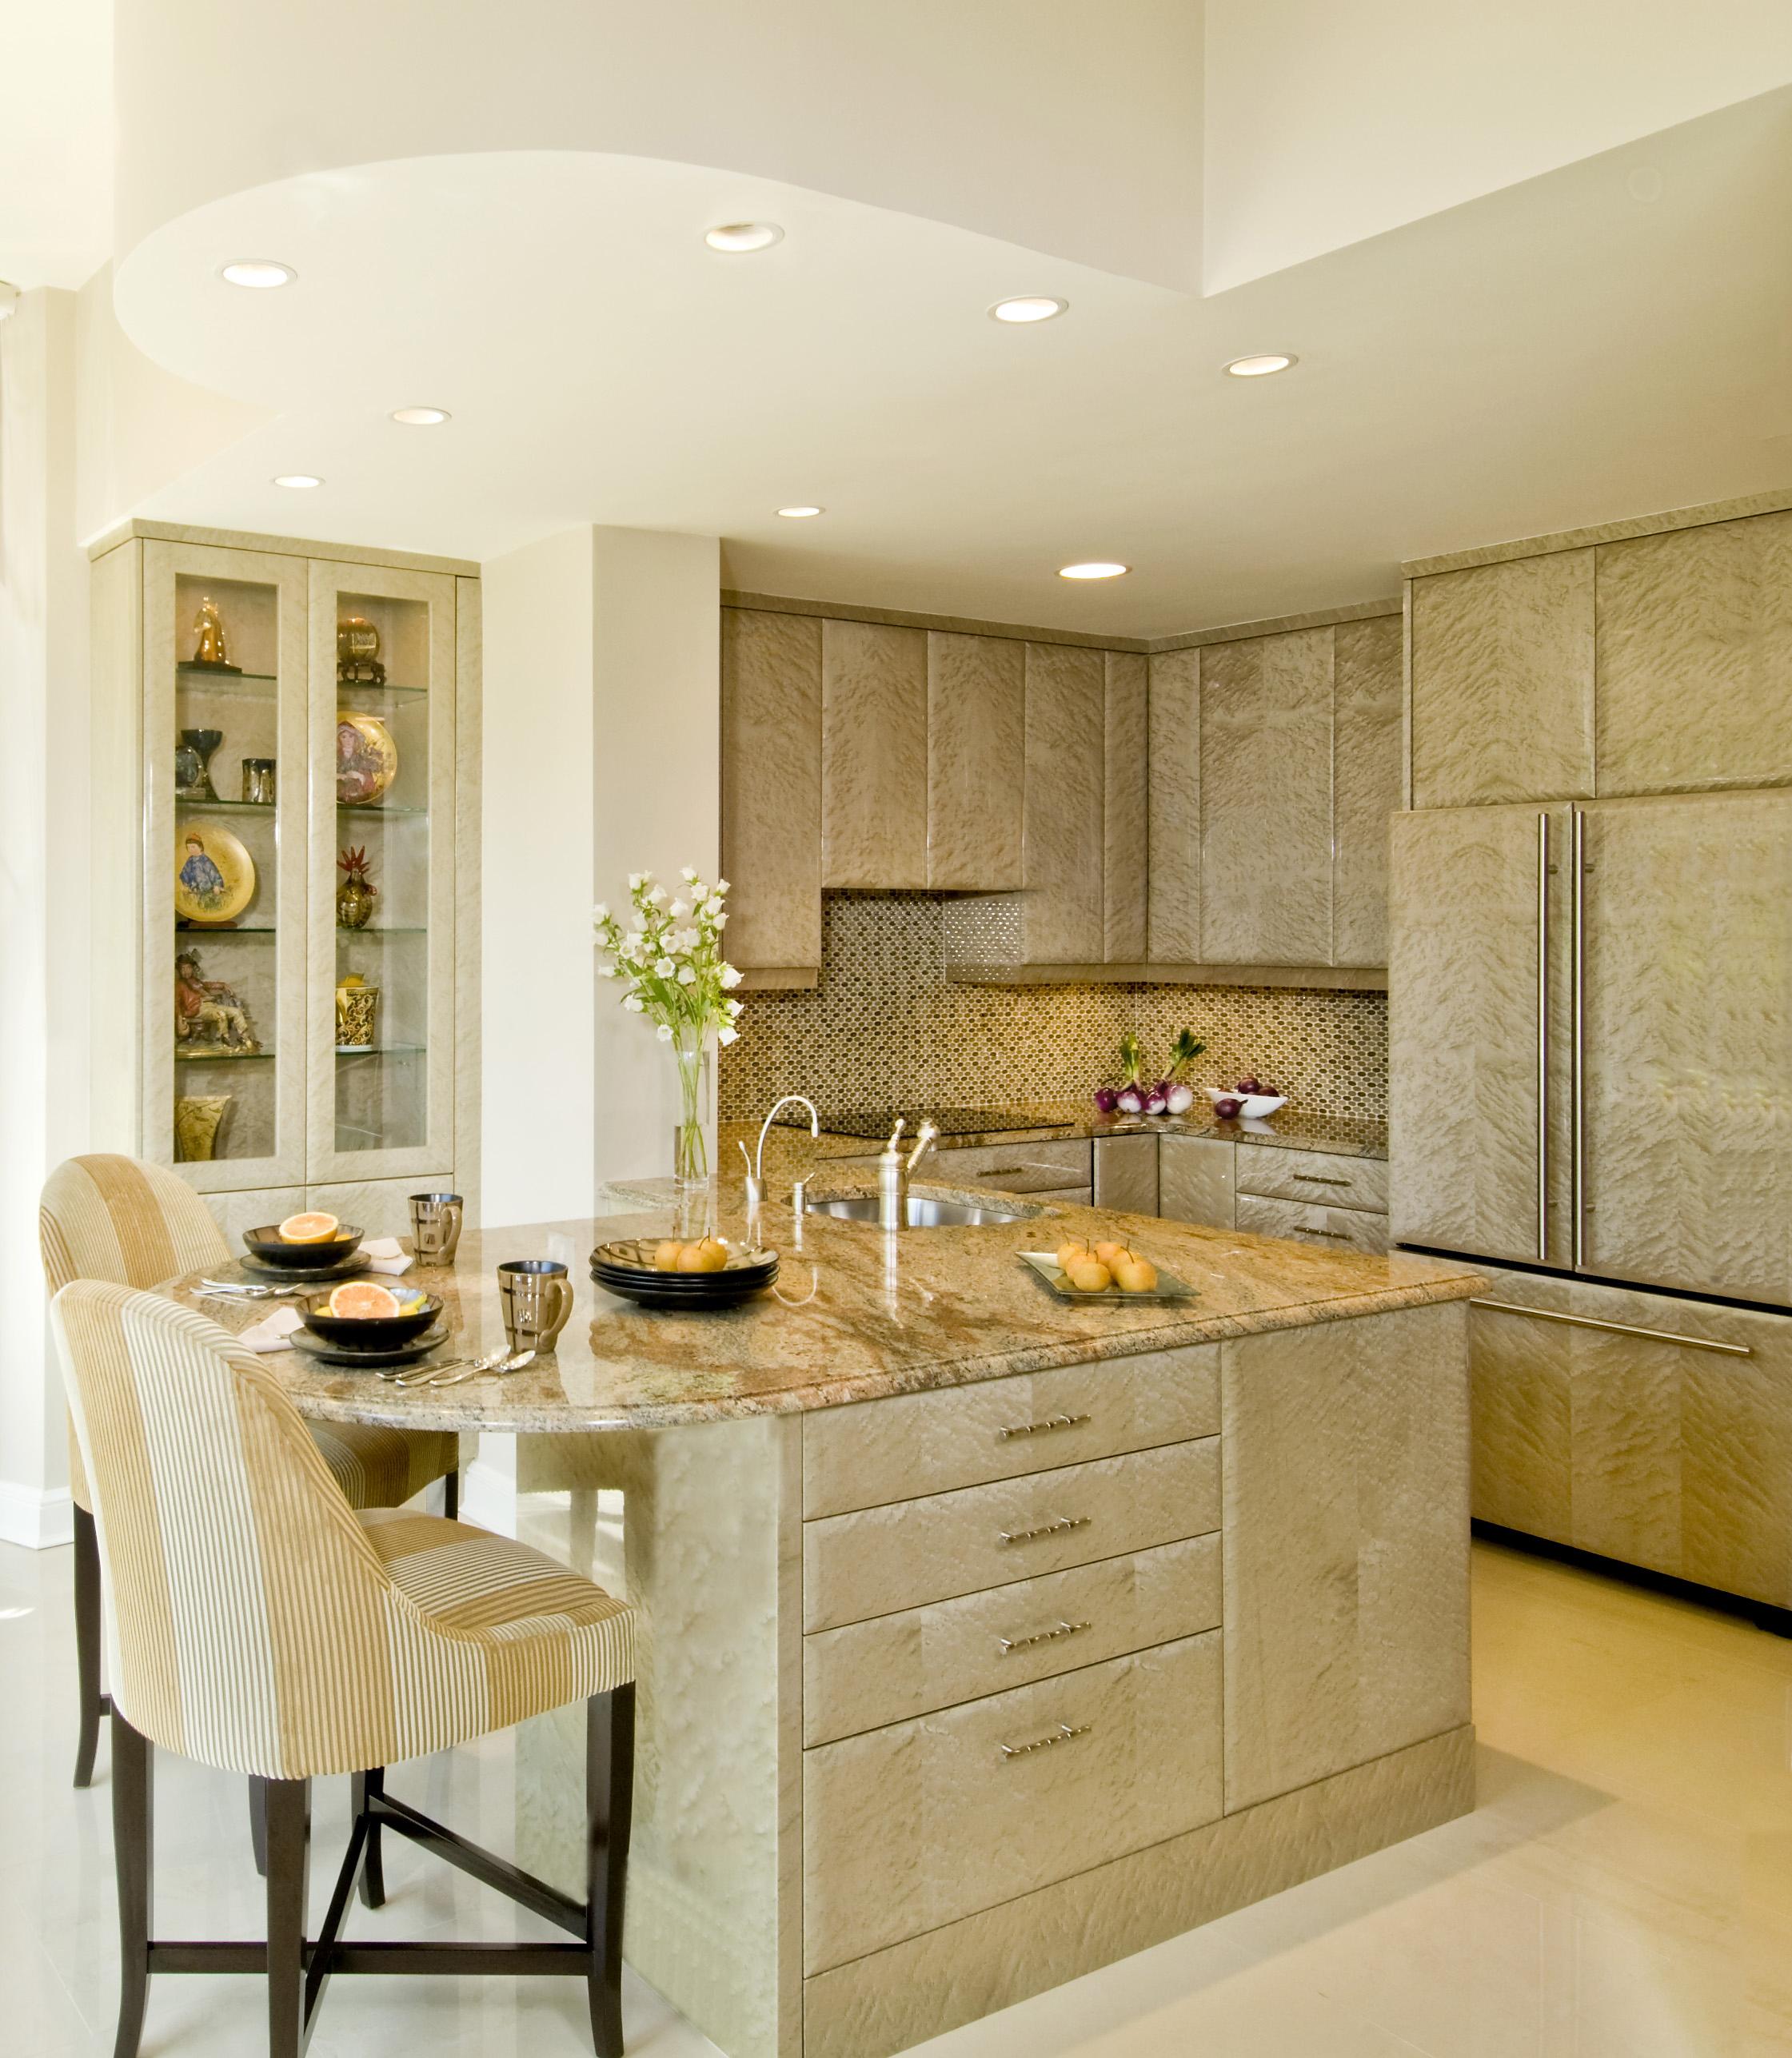 Bright luxurious kitchen details